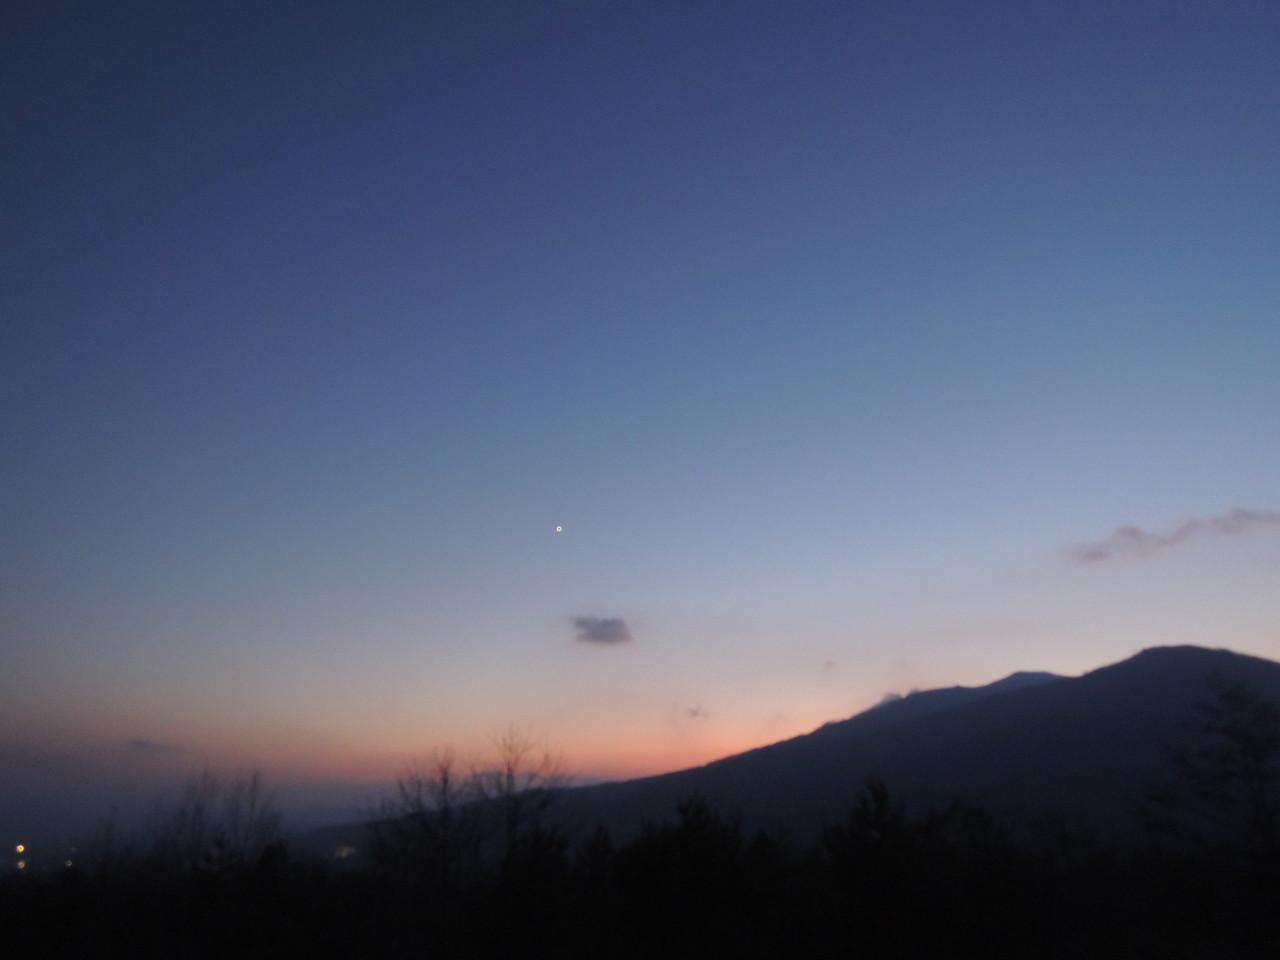 天気の良い夜は、満点の星空と雄大で美しい夜景をお楽しみいただけます